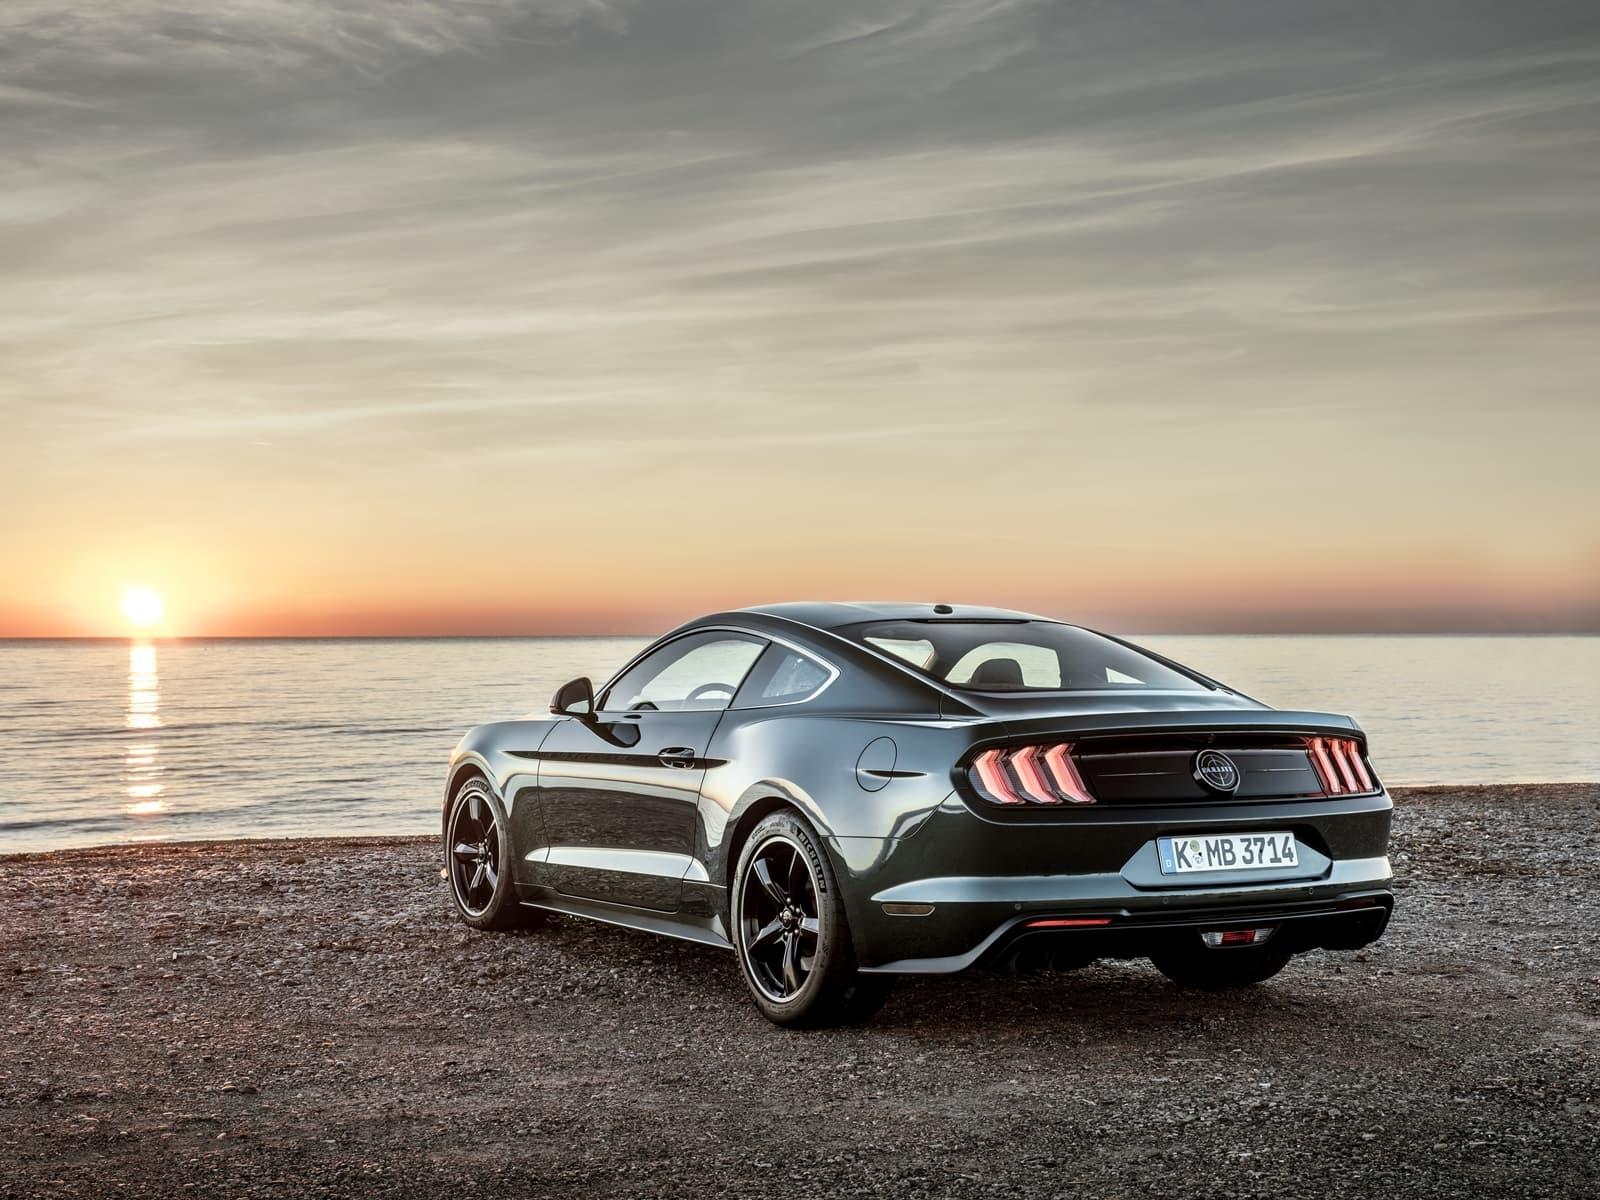 Ford Mustang Bullitt 2018 1018 006